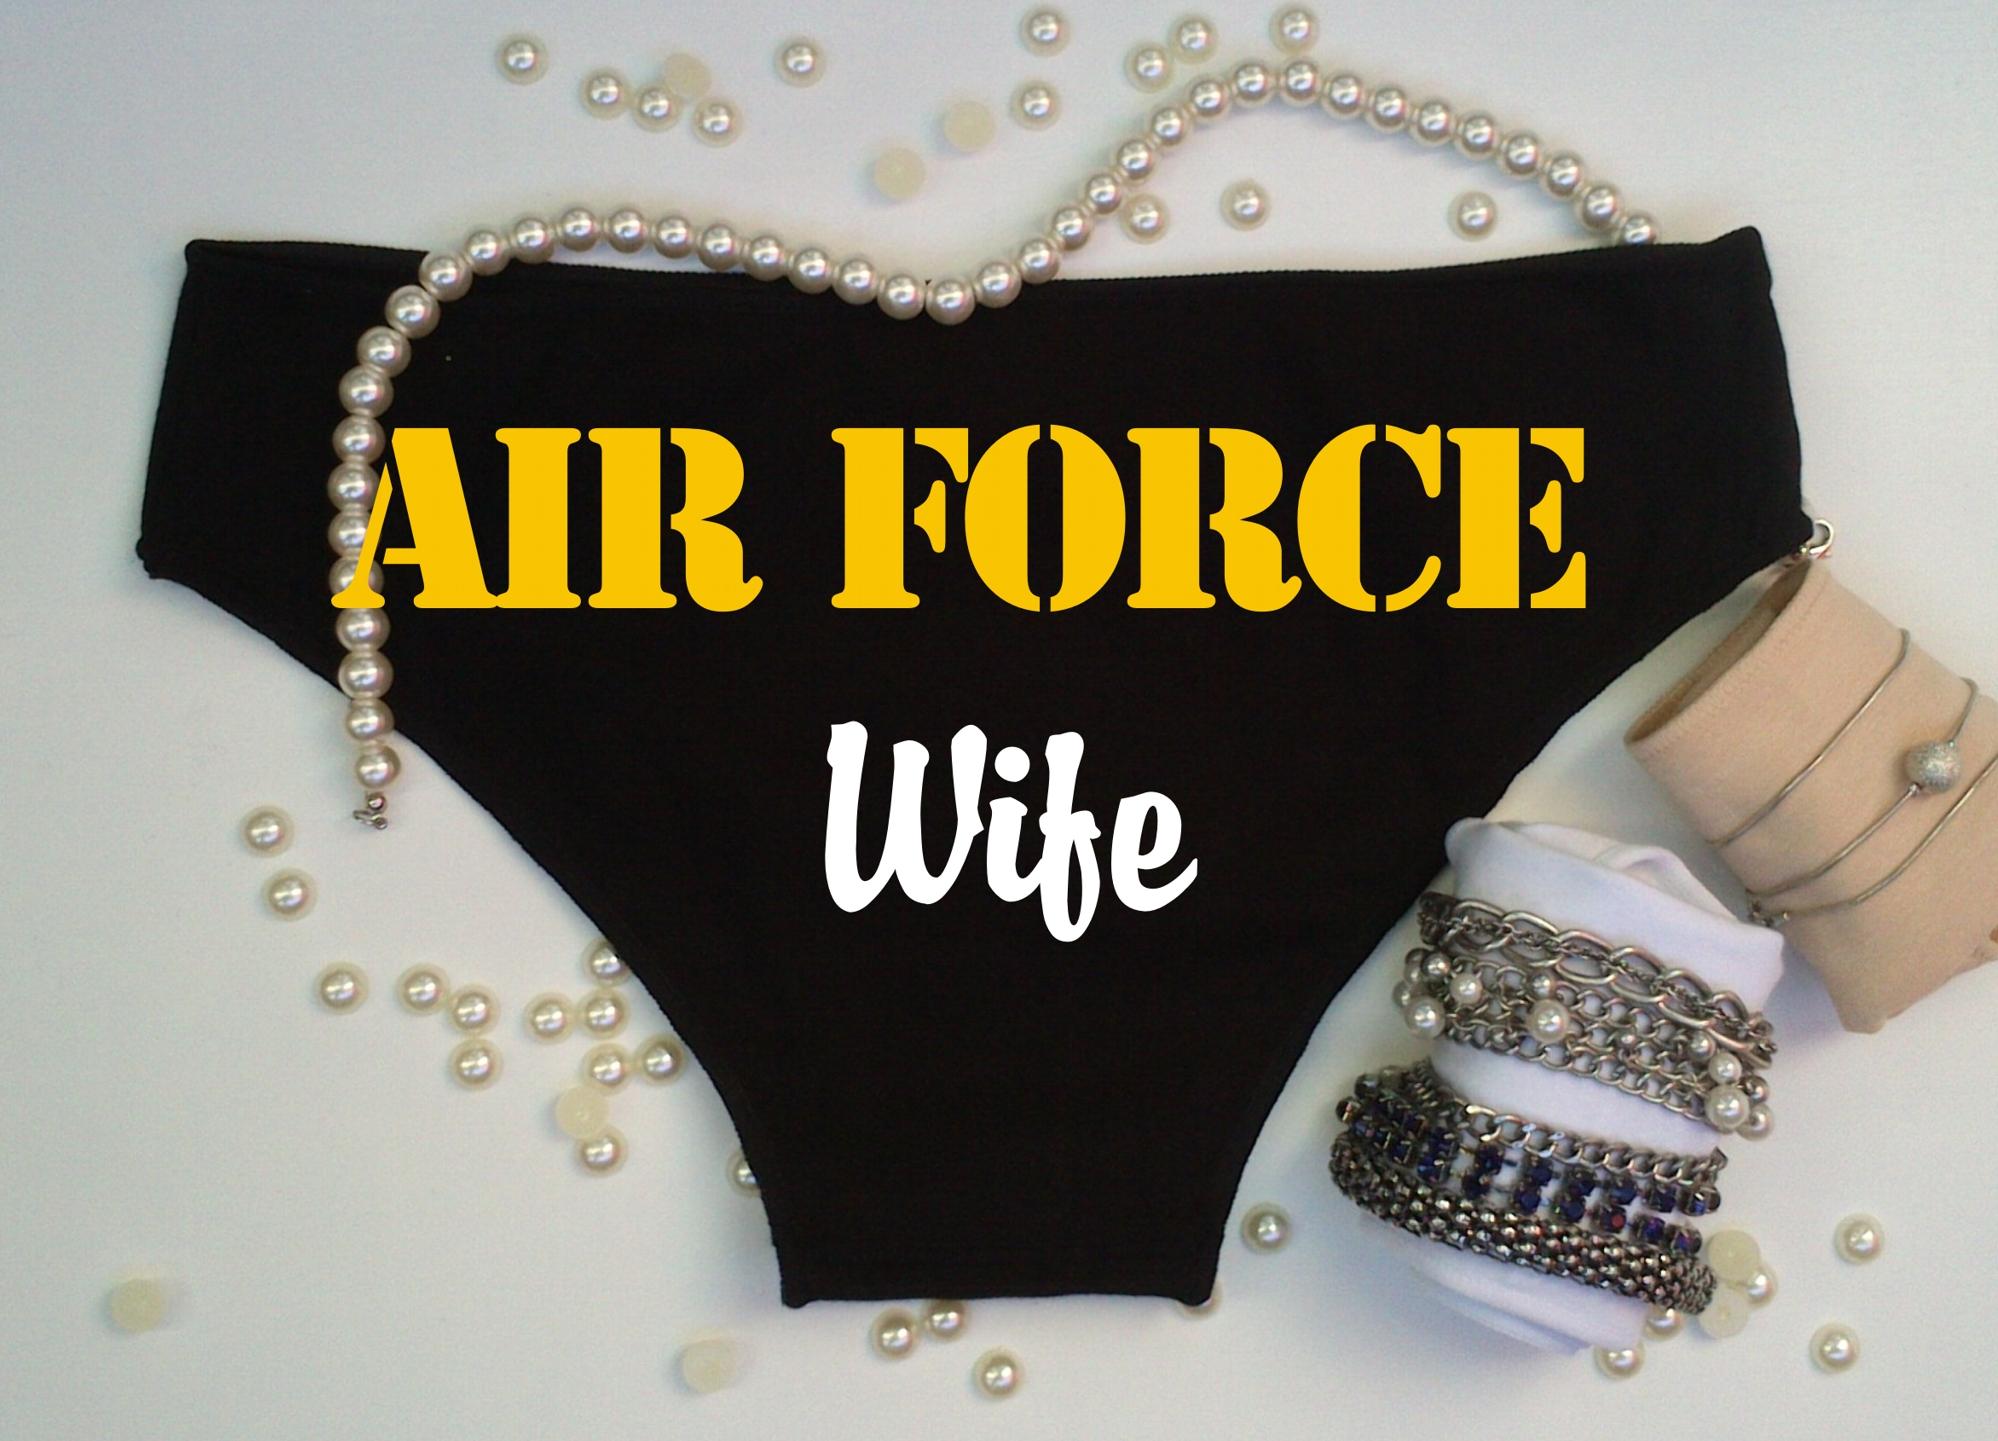 c15b4e5abbfe2 Air Force Wife Panties - Custom Lingerie